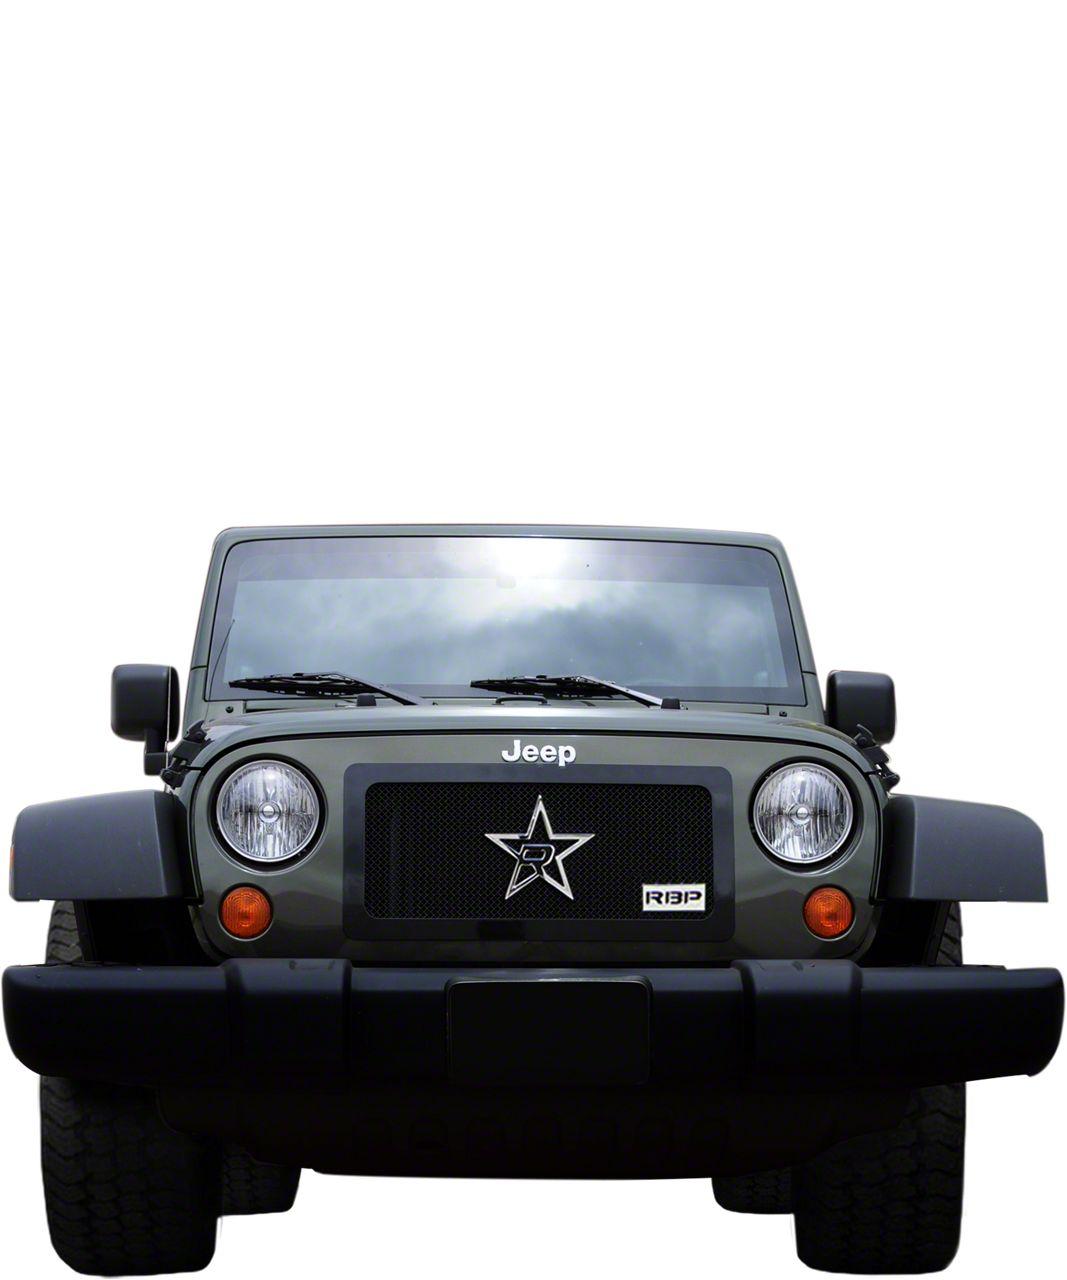 RBP RL Series Smooth Frame Grille - Black (97-06 Jeep Wrangler TJ)